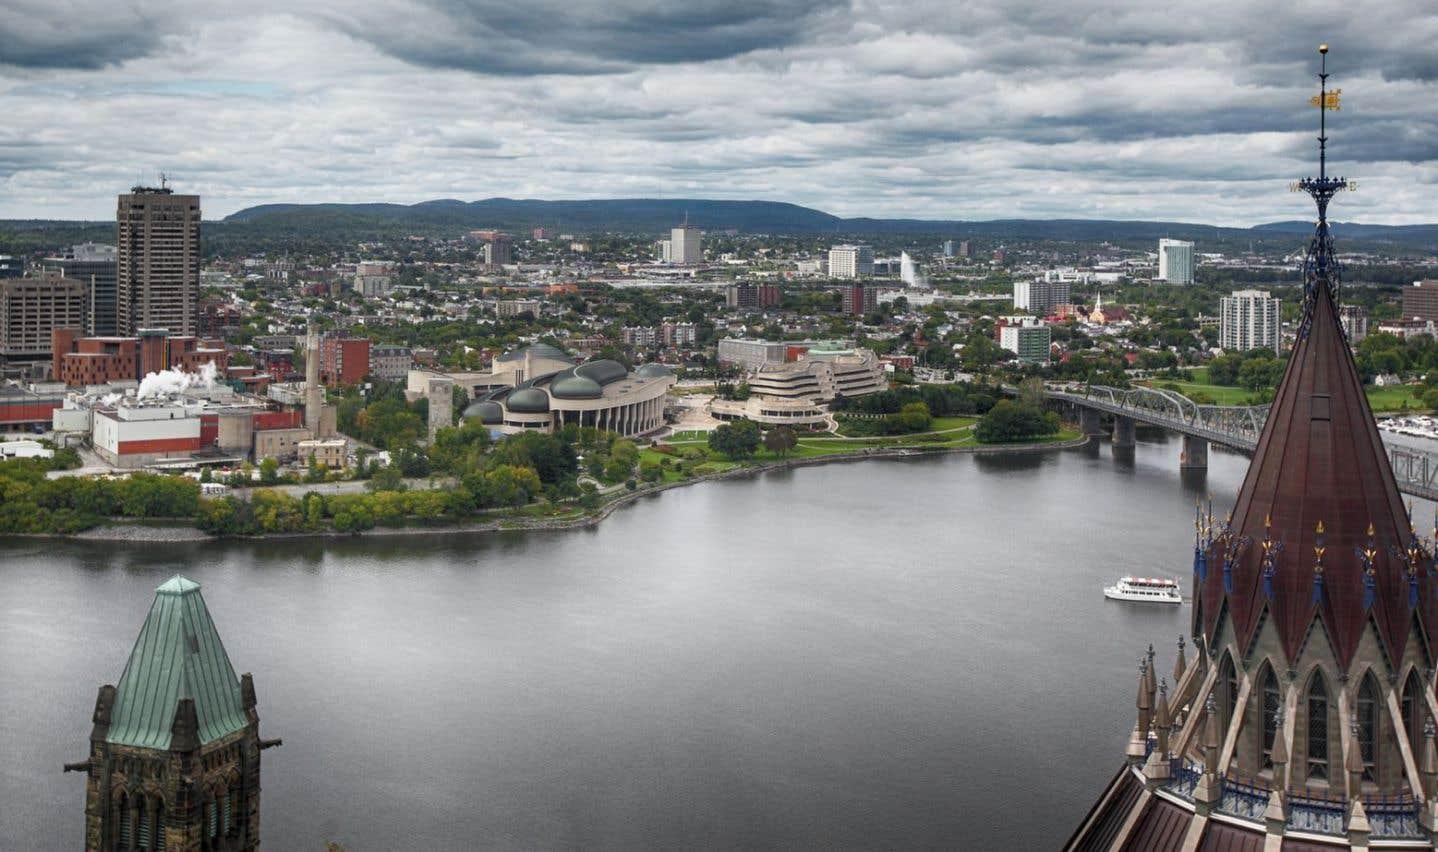 La rivière des Outaouais désignée comme lieu historique